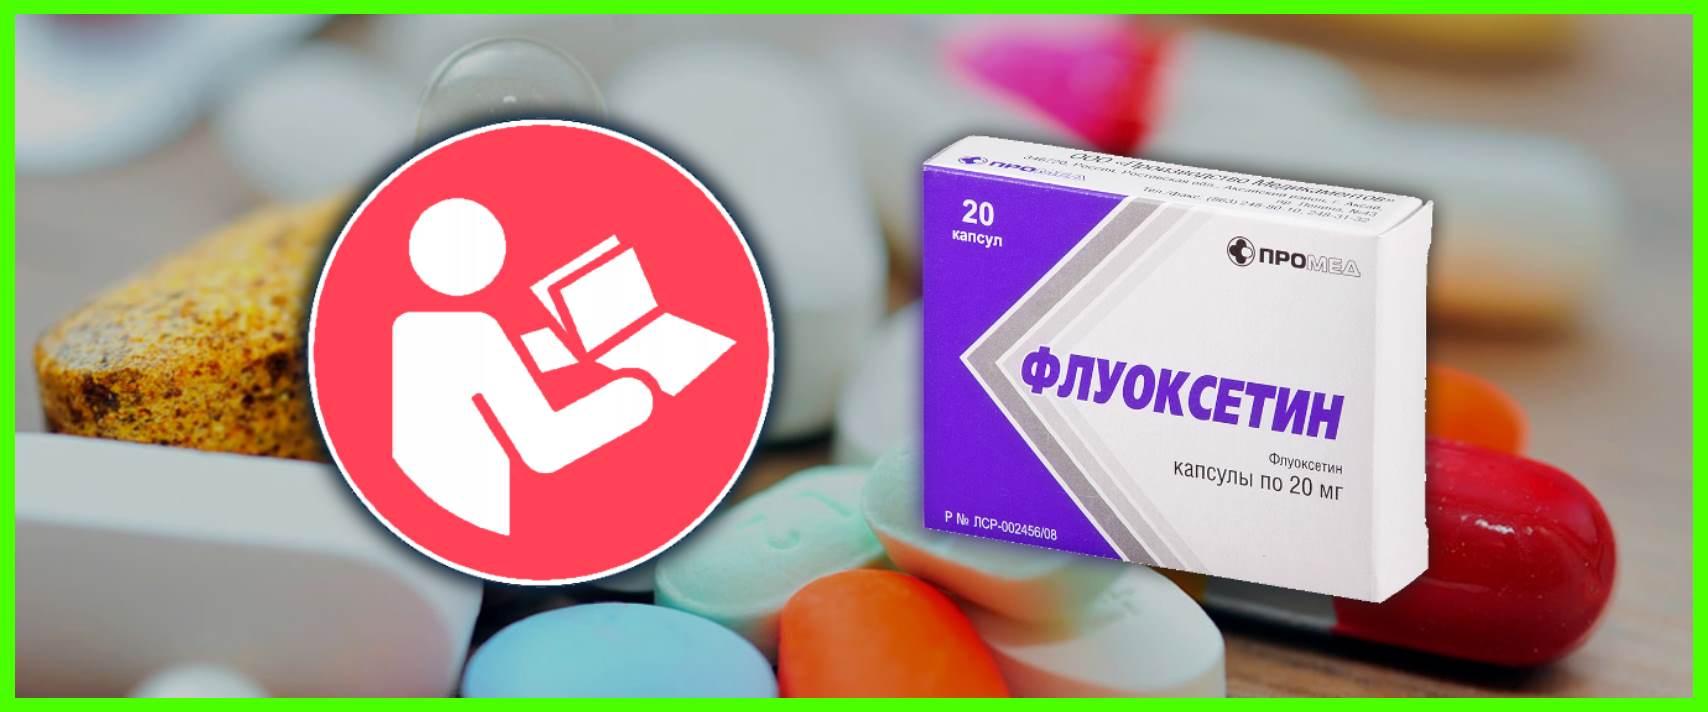 Флуоксетин передозировка смертельная доза